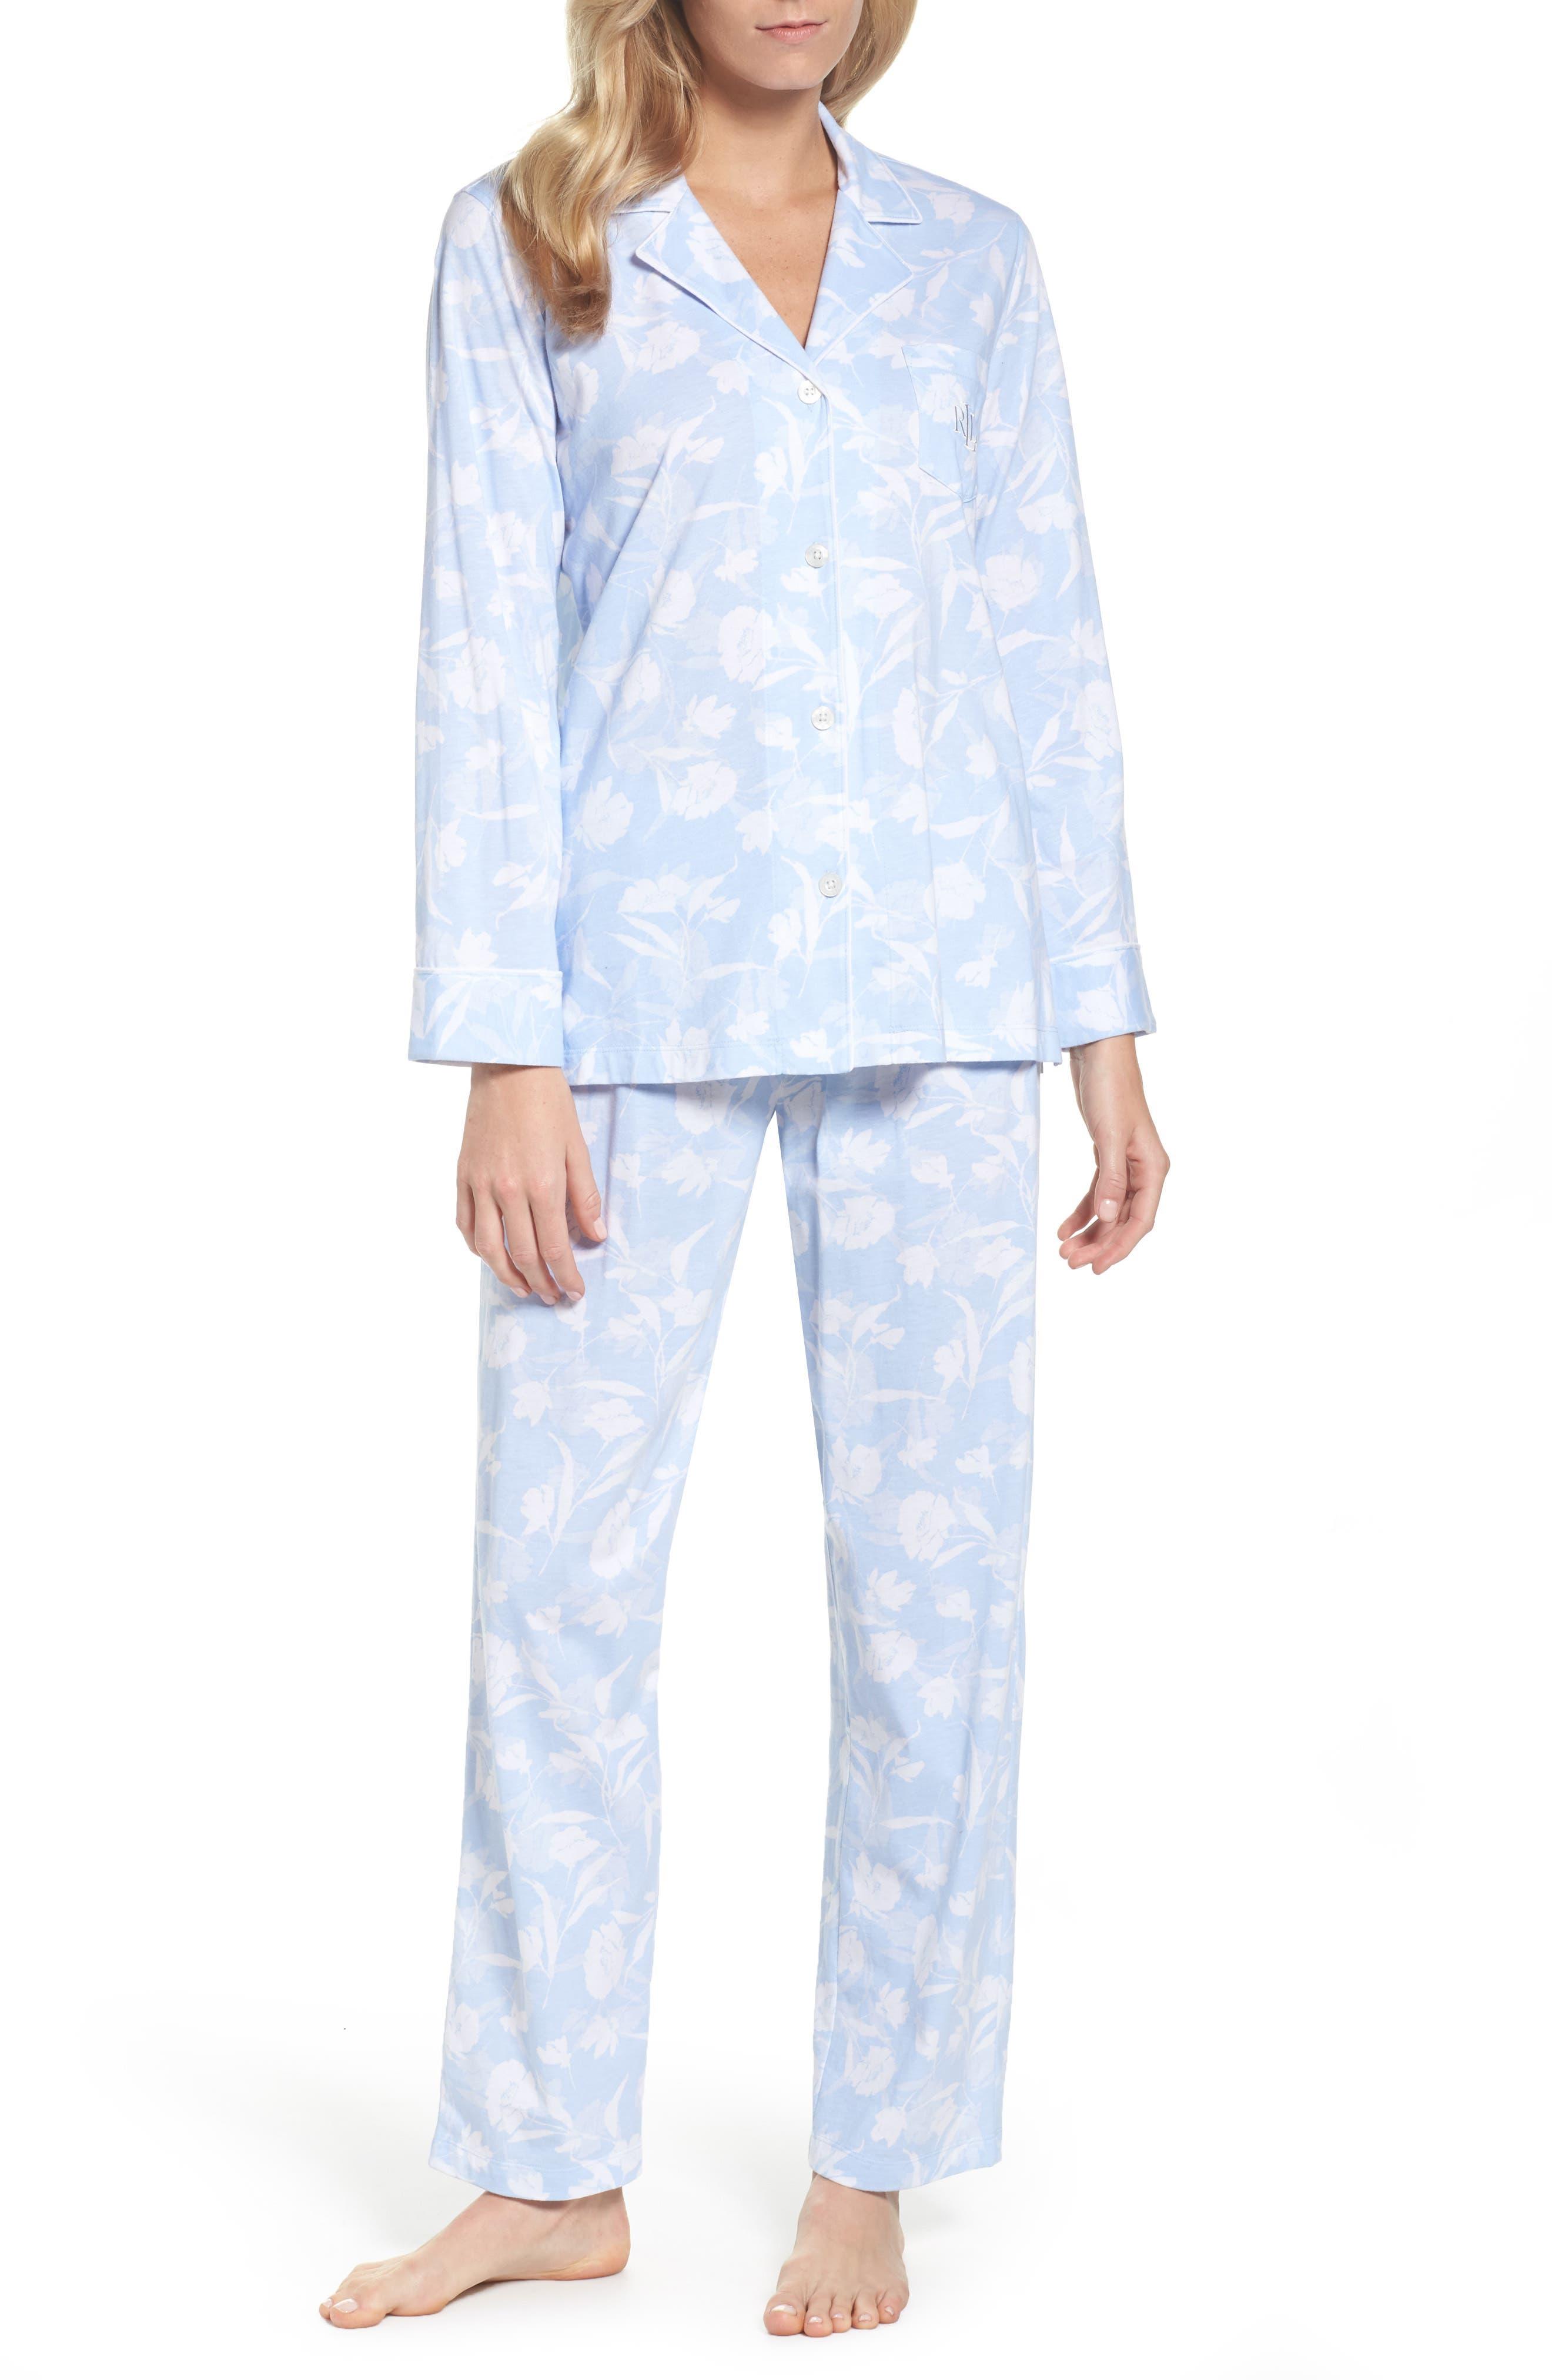 Floral Print Jersey Pajamas,                         Main,                         color, Blue Monotone Floral